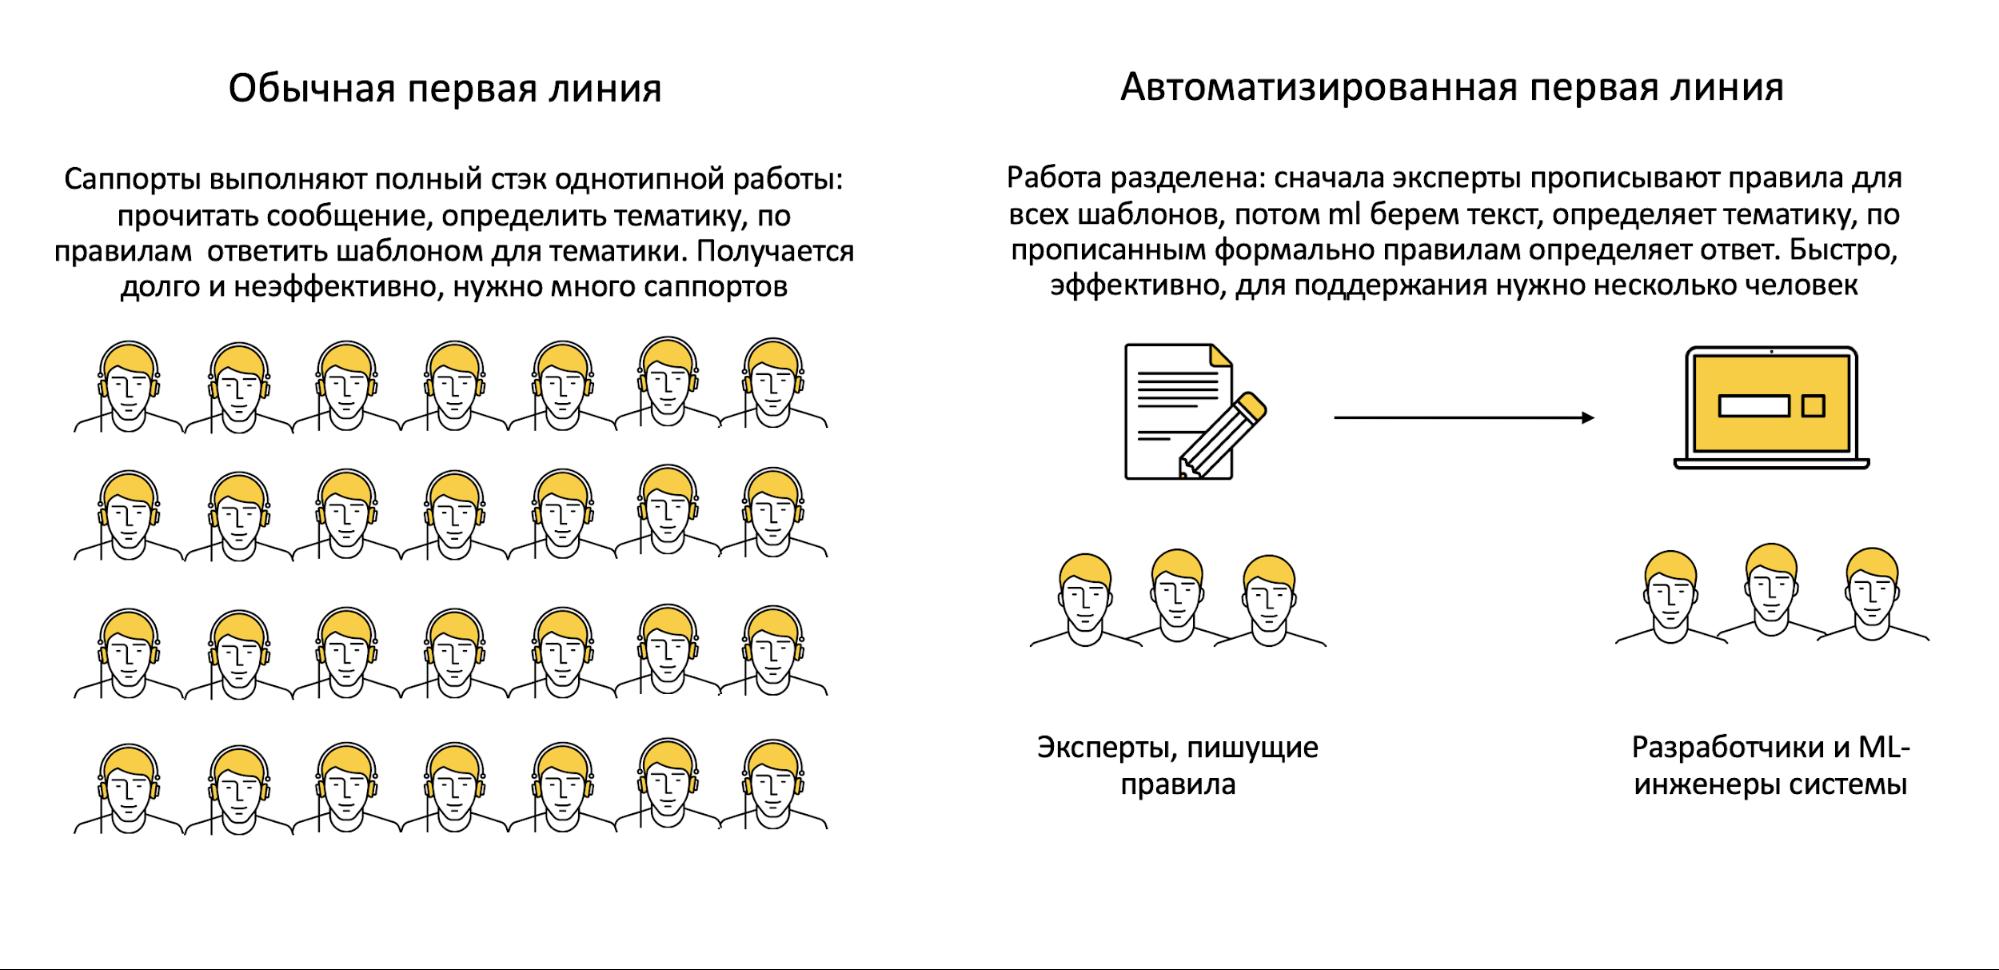 Как мы учили искусственный интеллект отвечать на вопросы в поддержку. Опыт Яндекс.Такси - 5